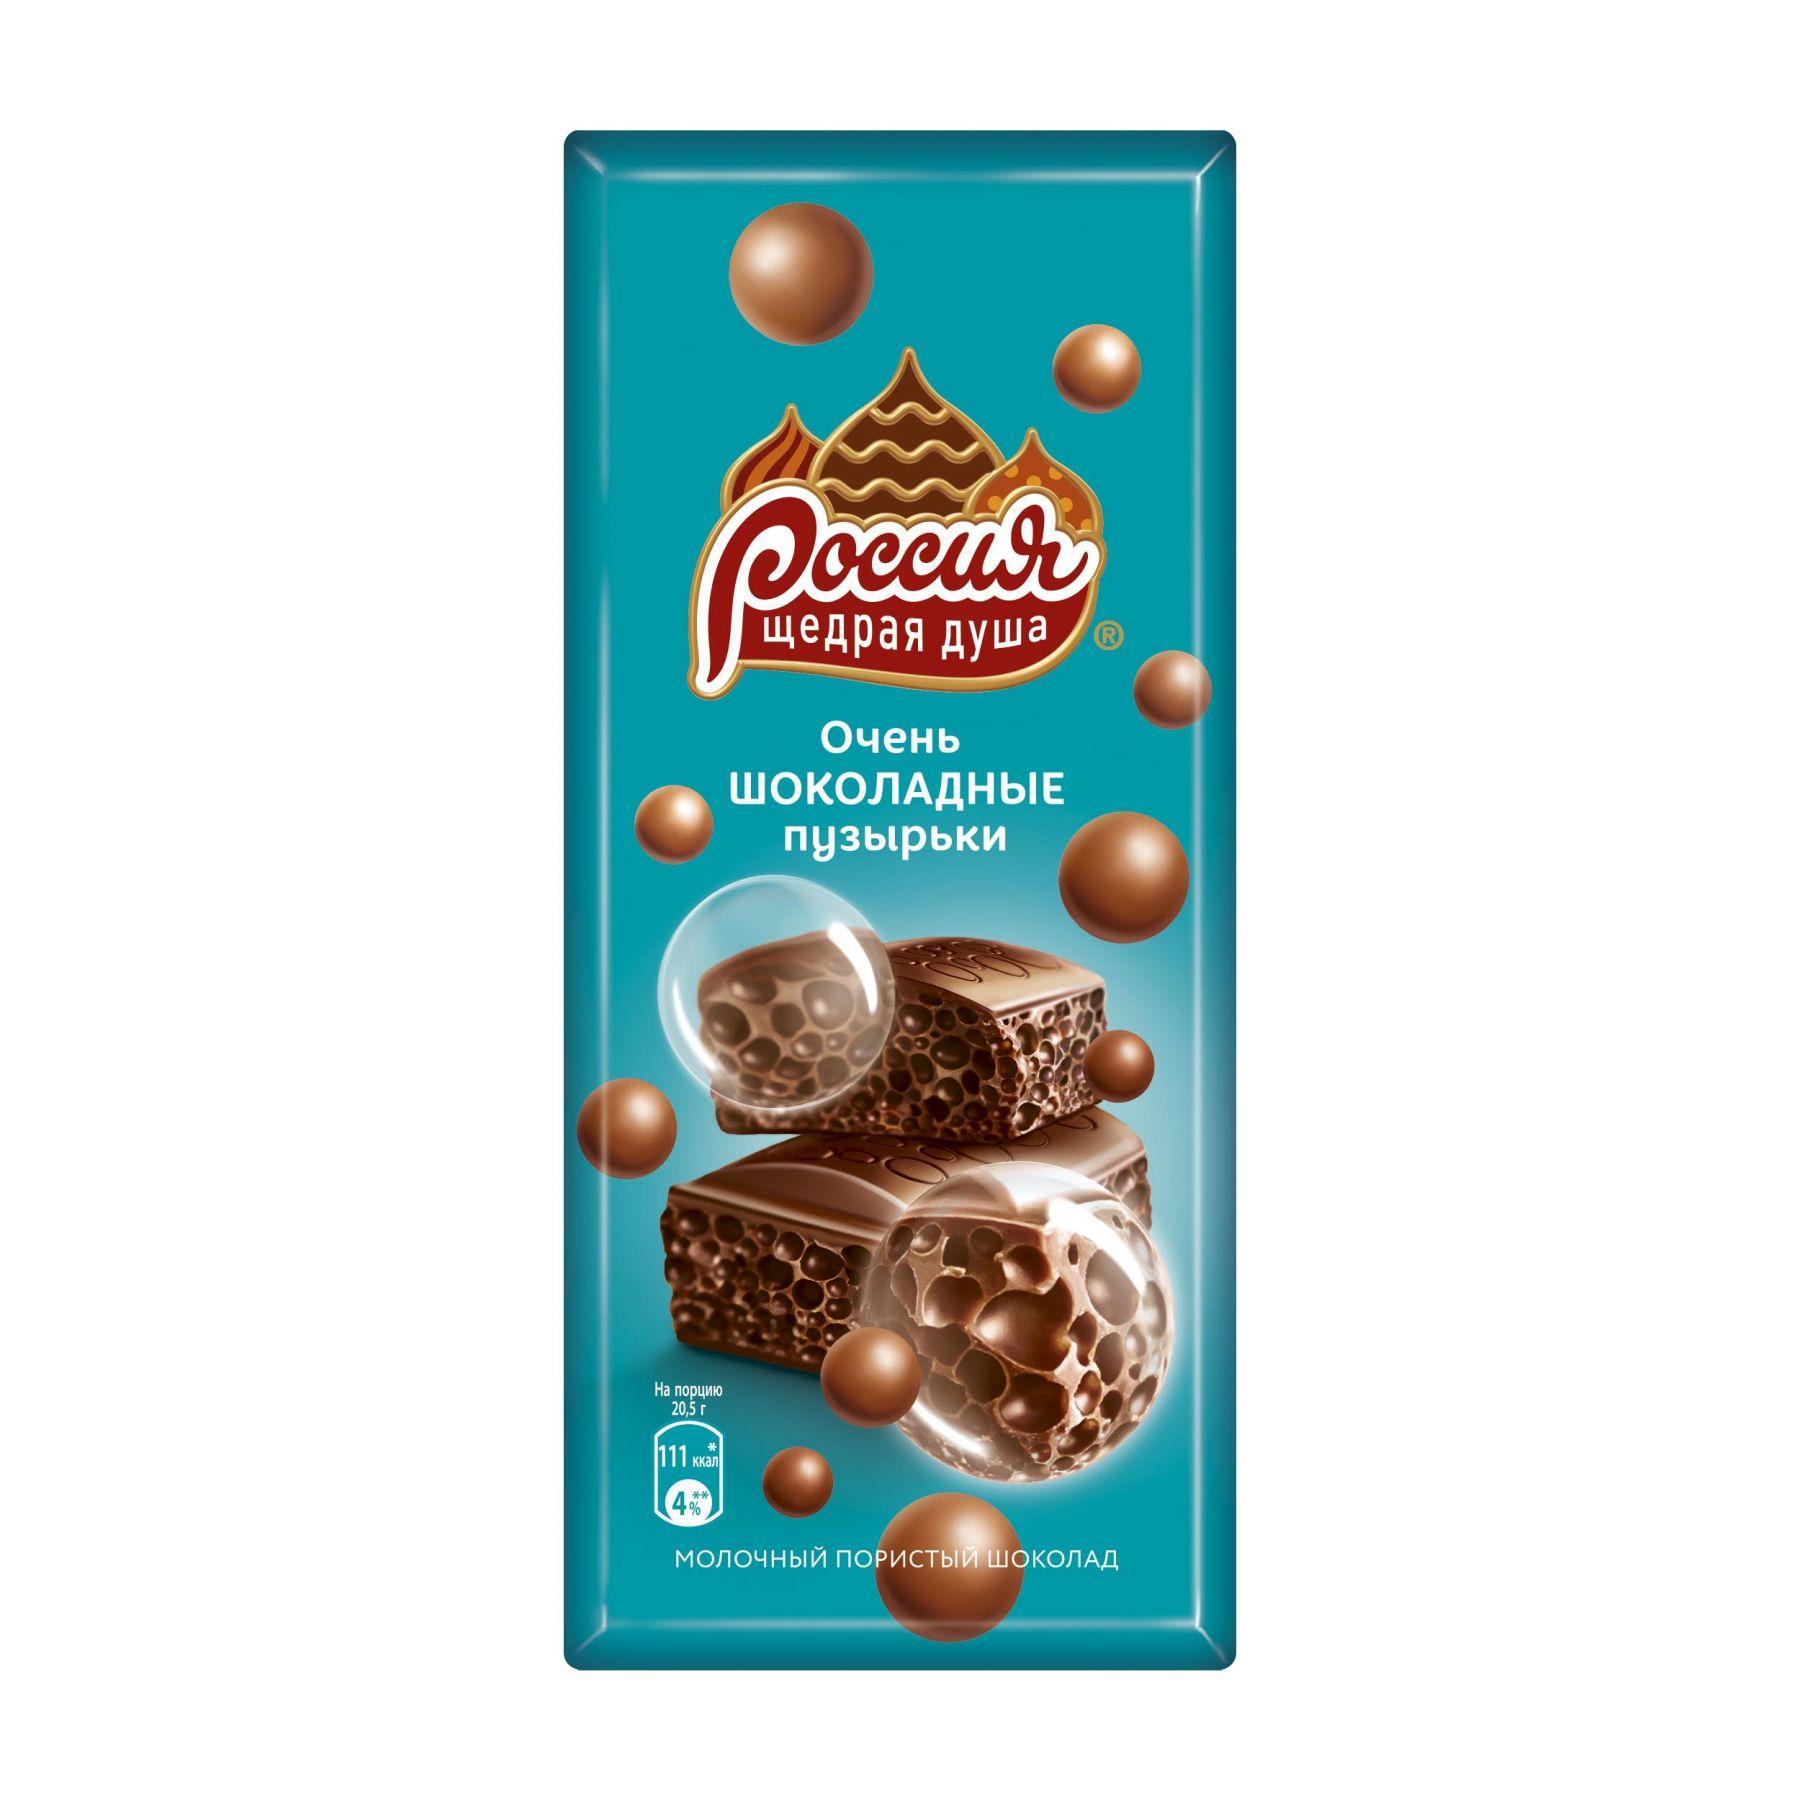 Россия Росия Щедрая Душа Очень шоколадные пузырьки молочный пористый